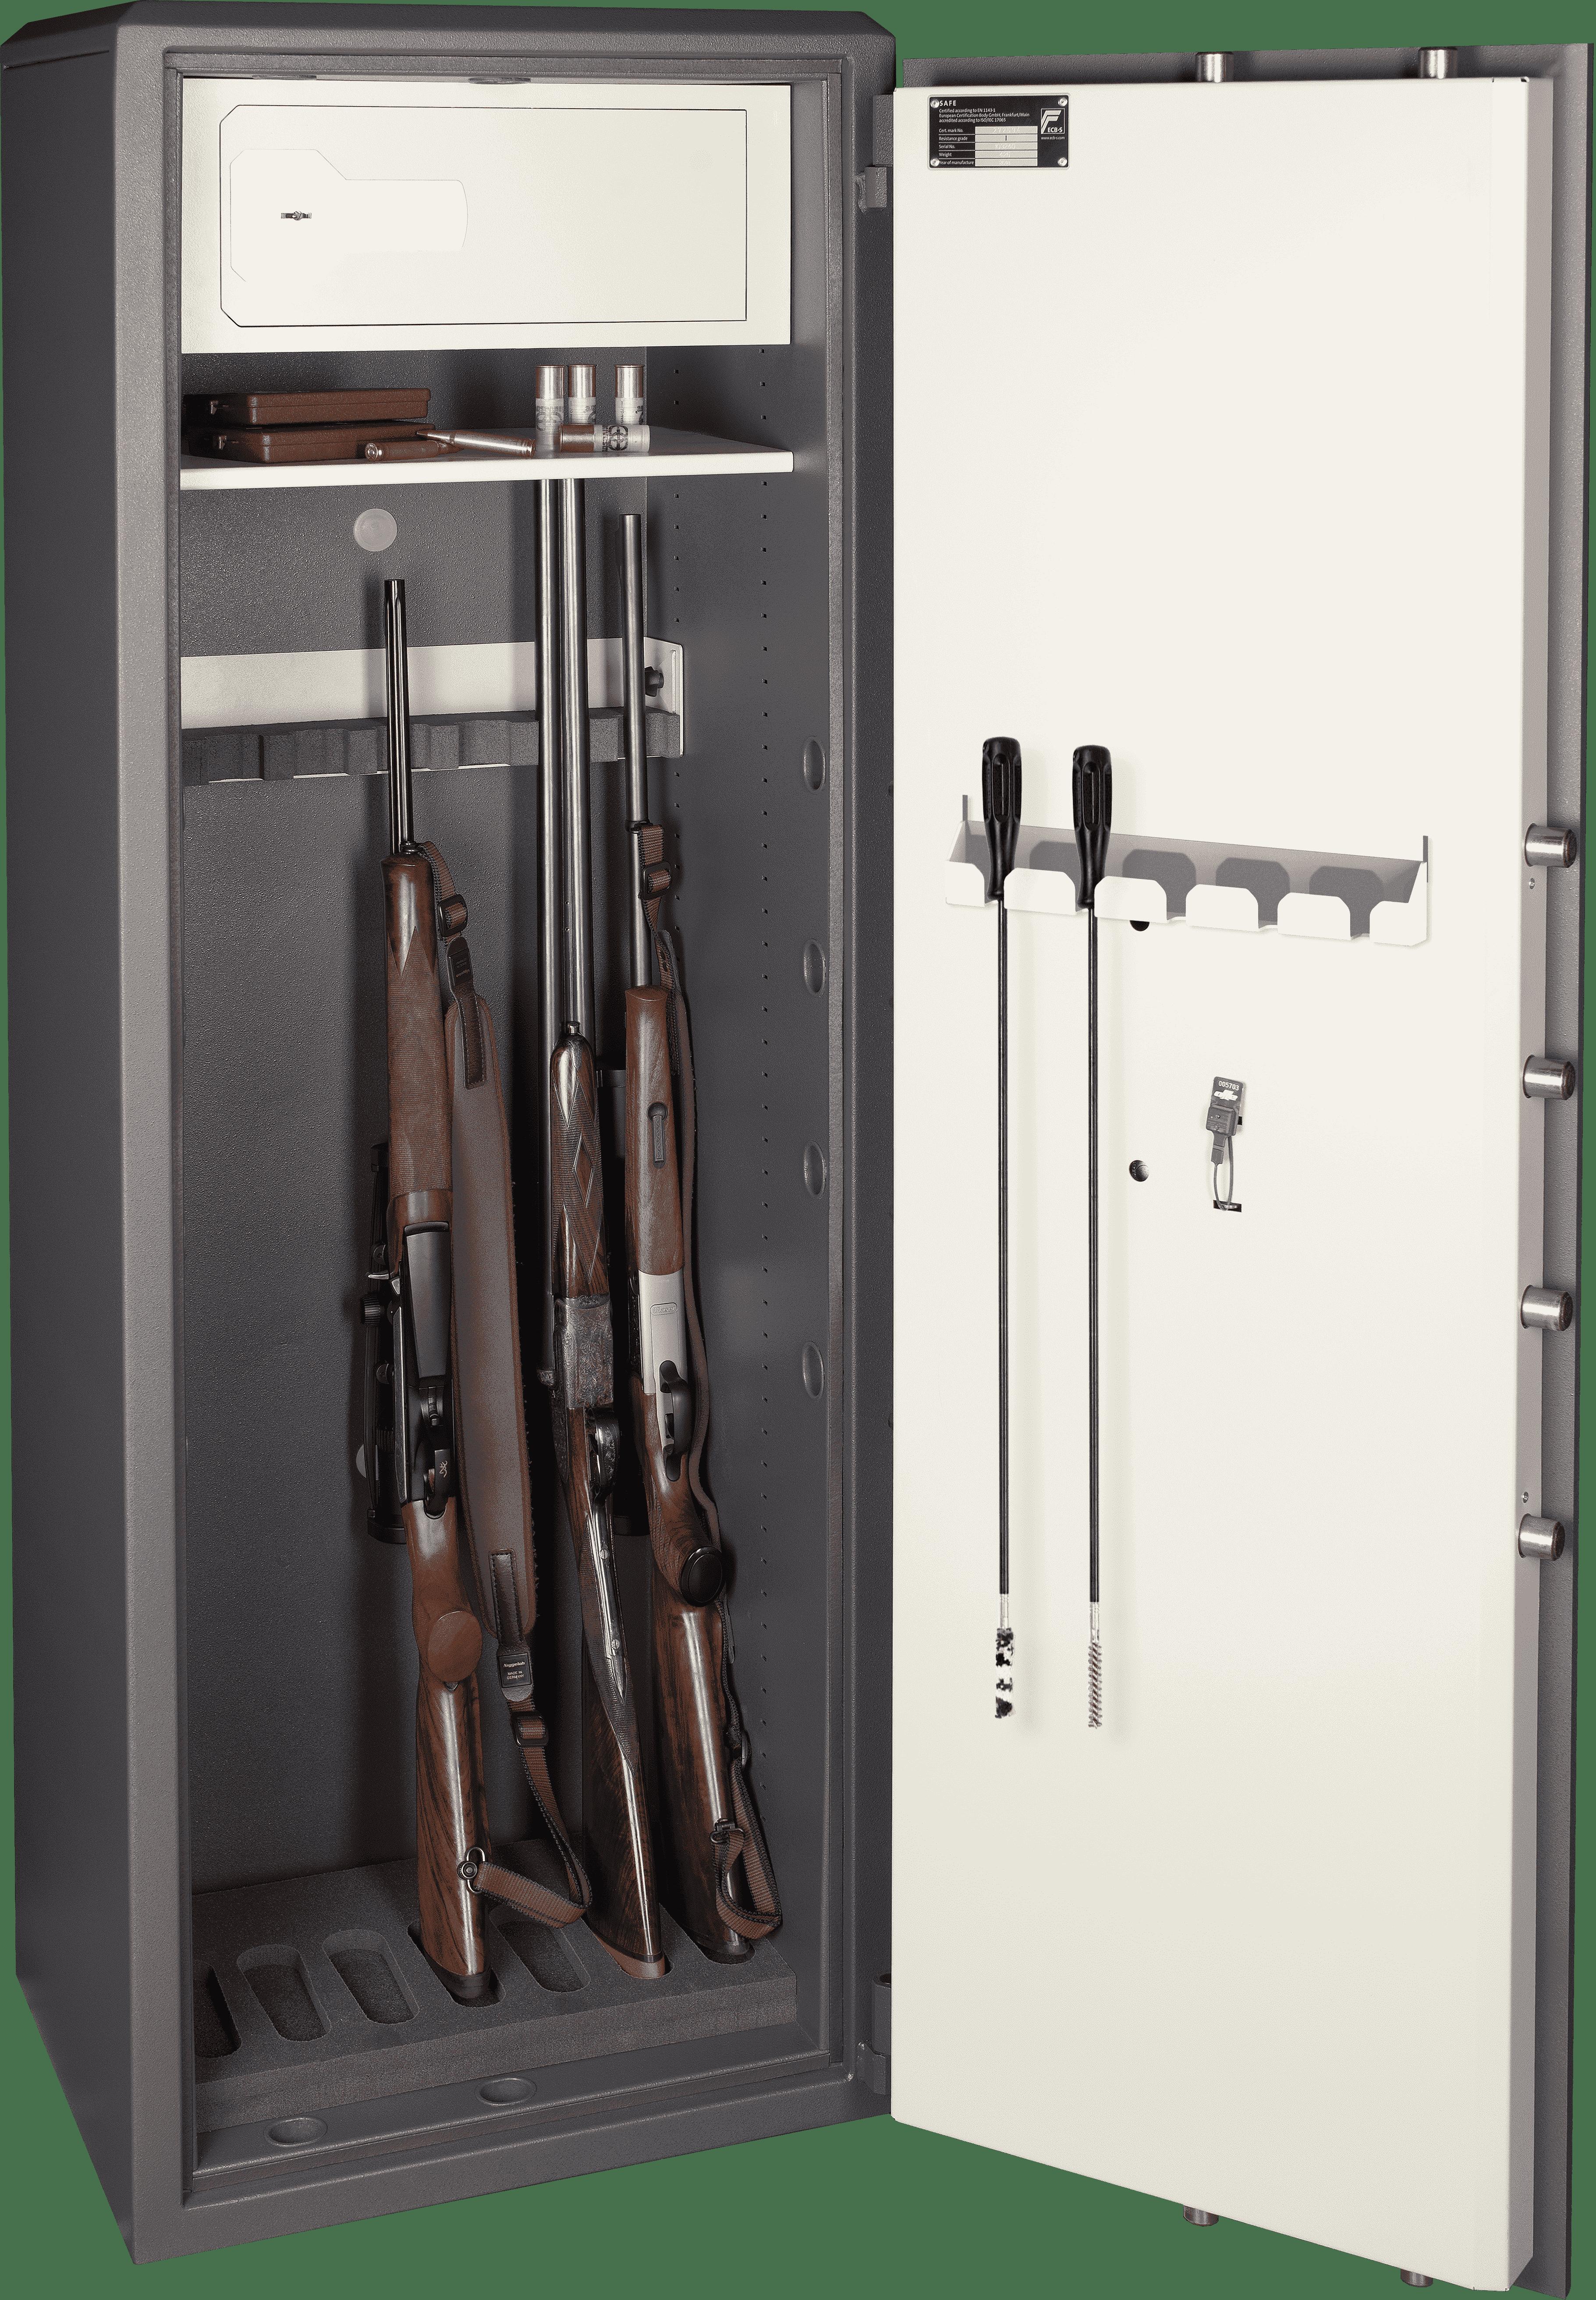 armoire-fusils-LyonCoffres-5 (1) (1) (1) (1) (2) (1)